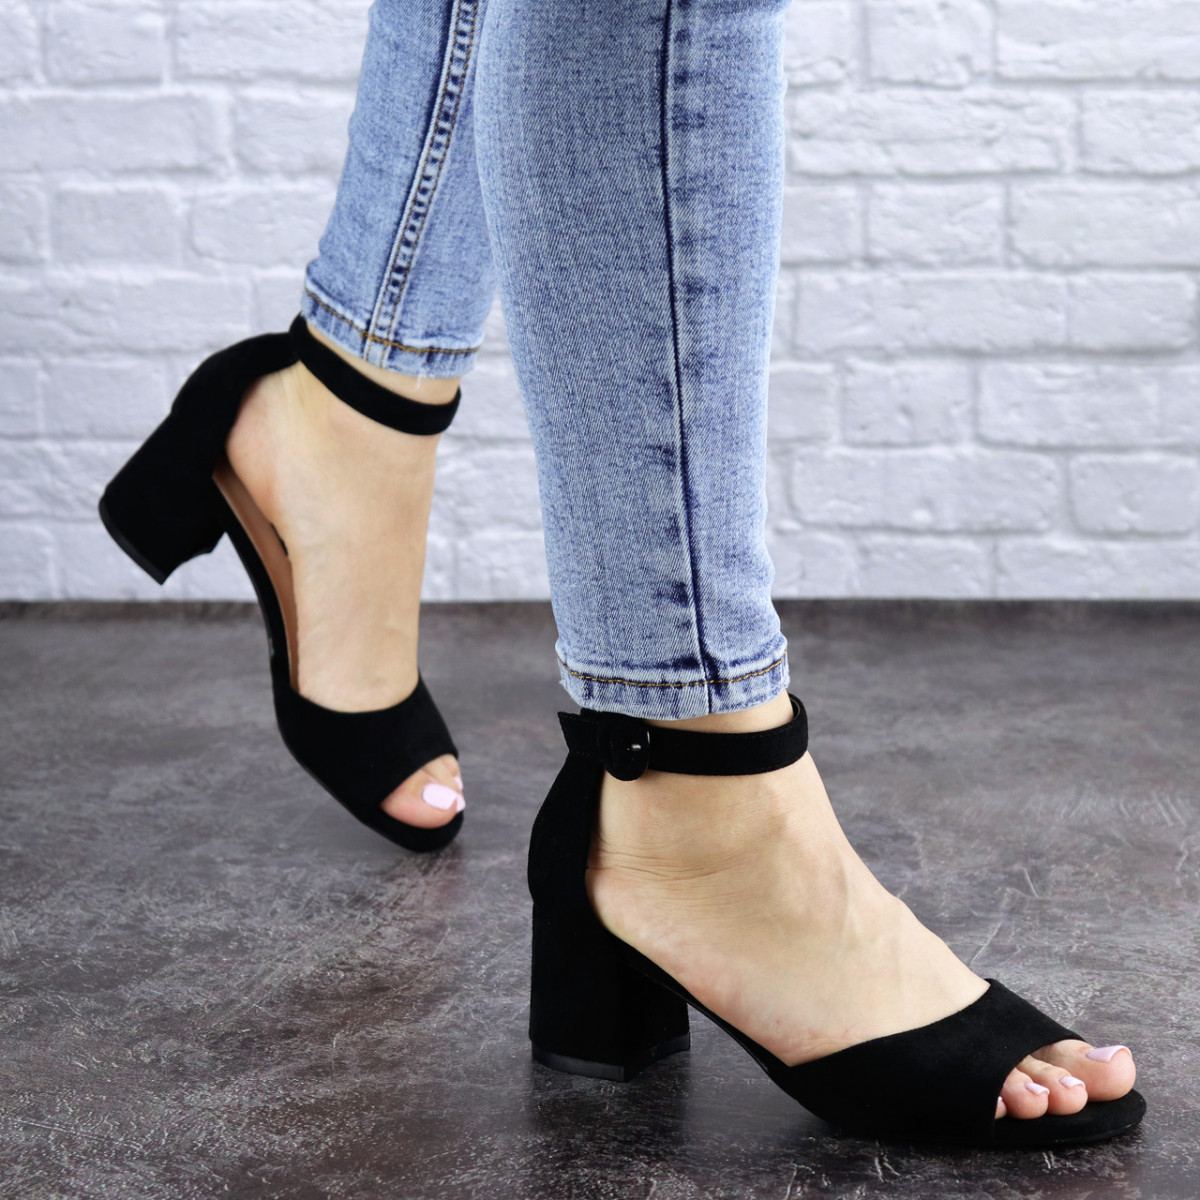 Женские босоножки на каблуке черные Kacey 1971 (36 размер)